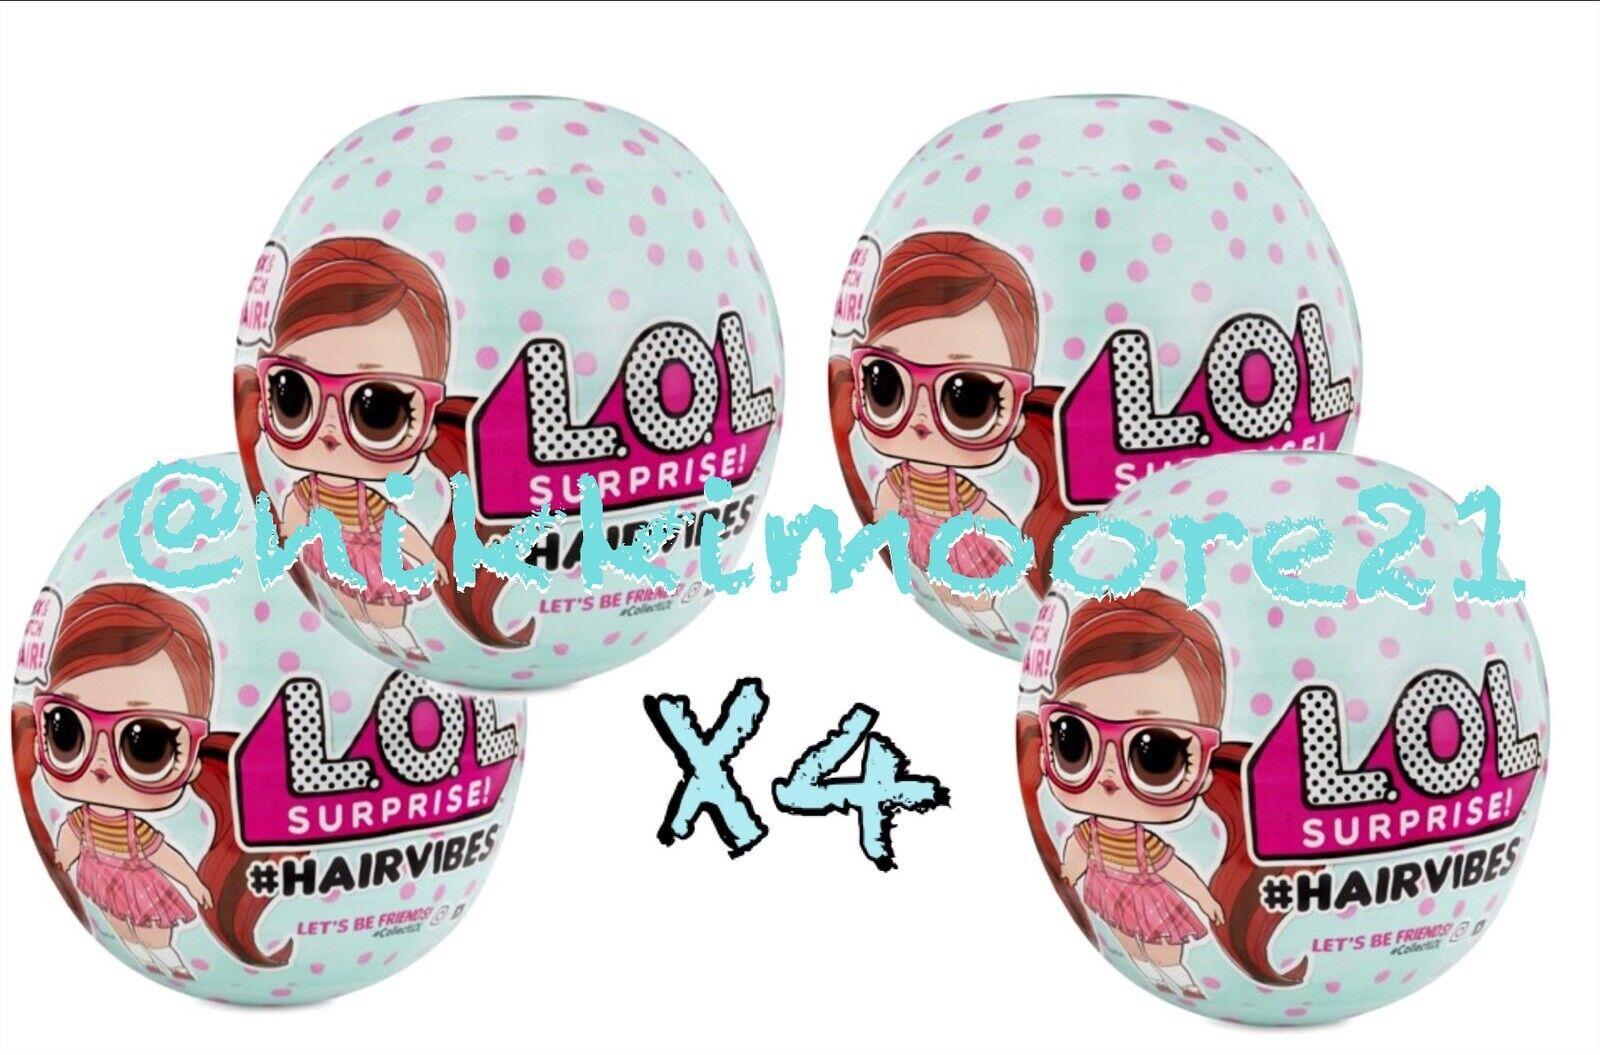 L. O.L.Surprise     Hairvibes Bambole con 15 Surprises & Mix & Match Hairpieces